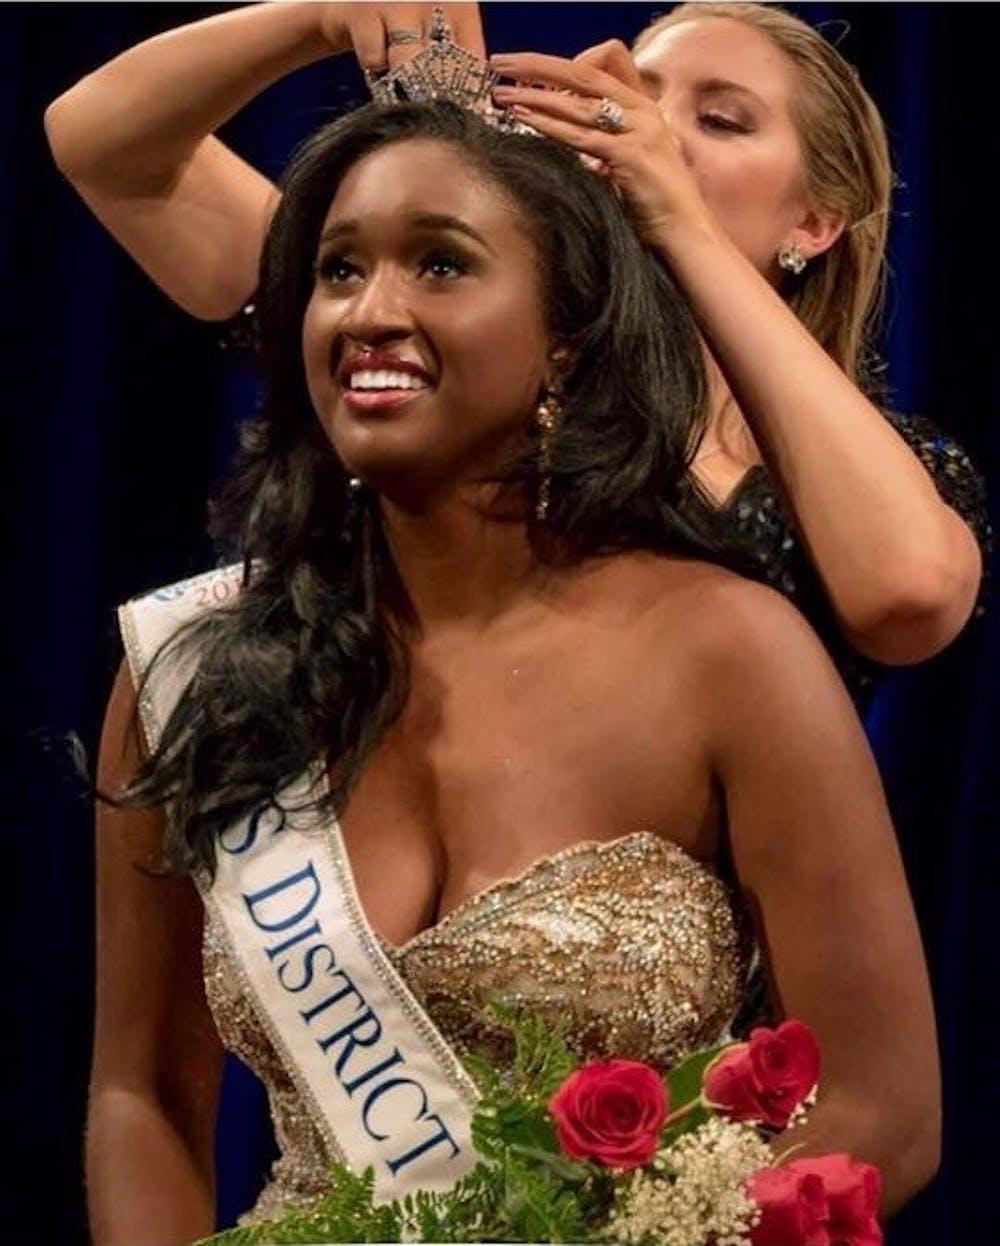 AU grad student crowned Miss DC